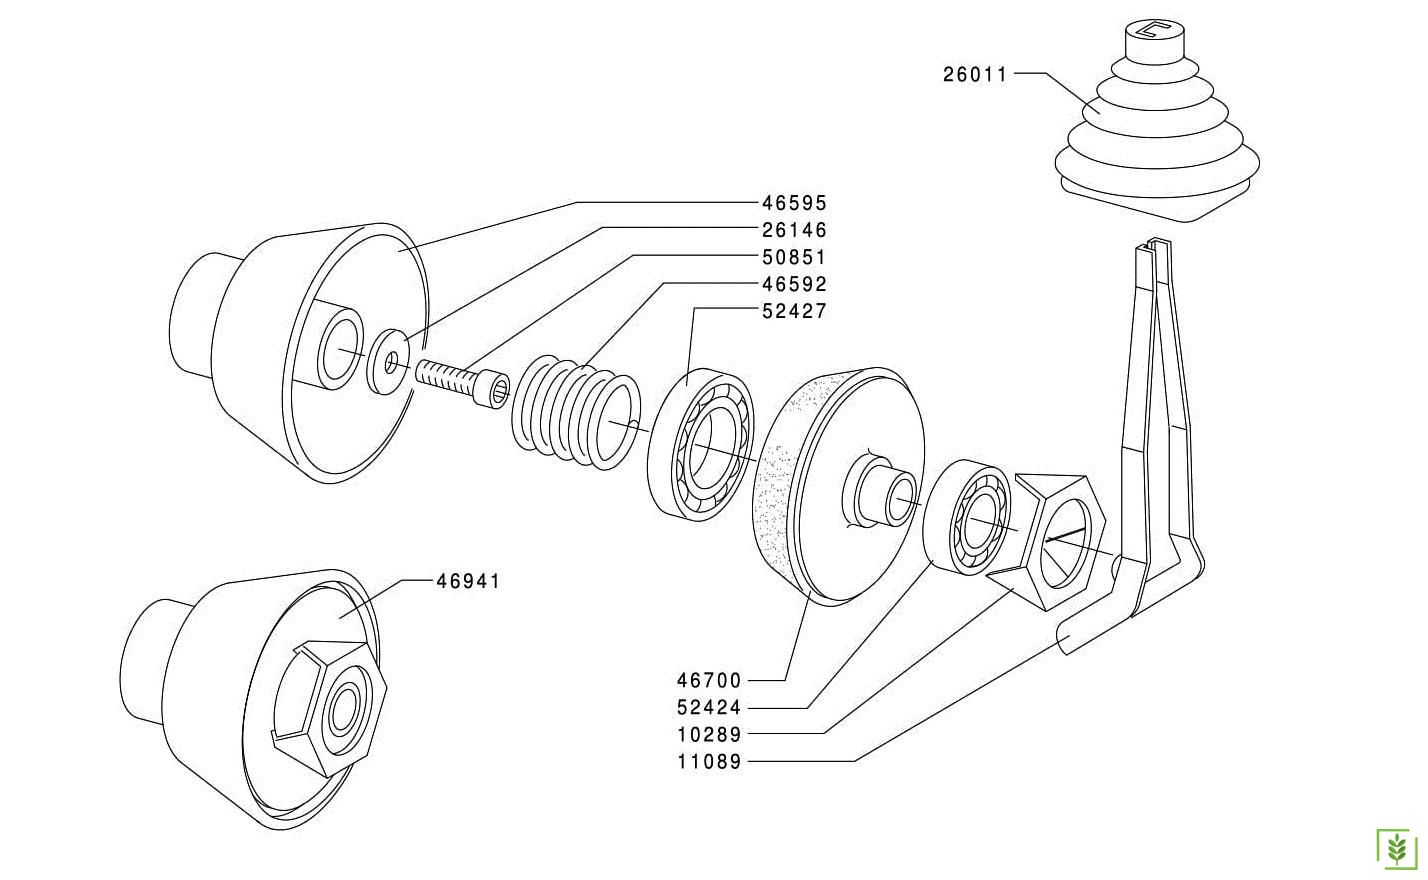 Grillo 3500-11500-12000 Debriyaj Koniği Eski Model